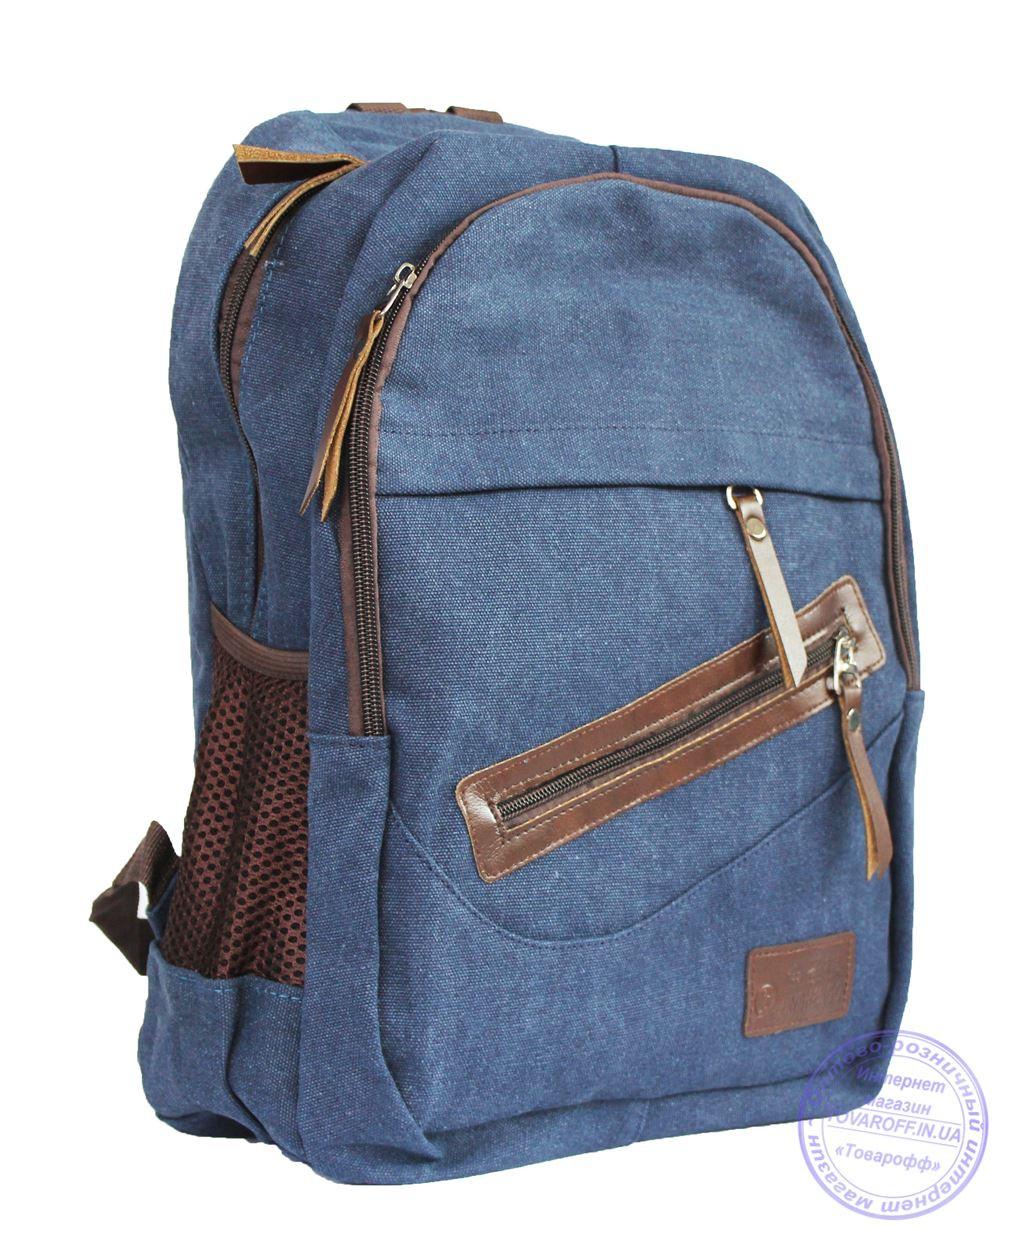 Котонові рюкзак для підлітків дівчаток і хлопчиків - синій - 7018